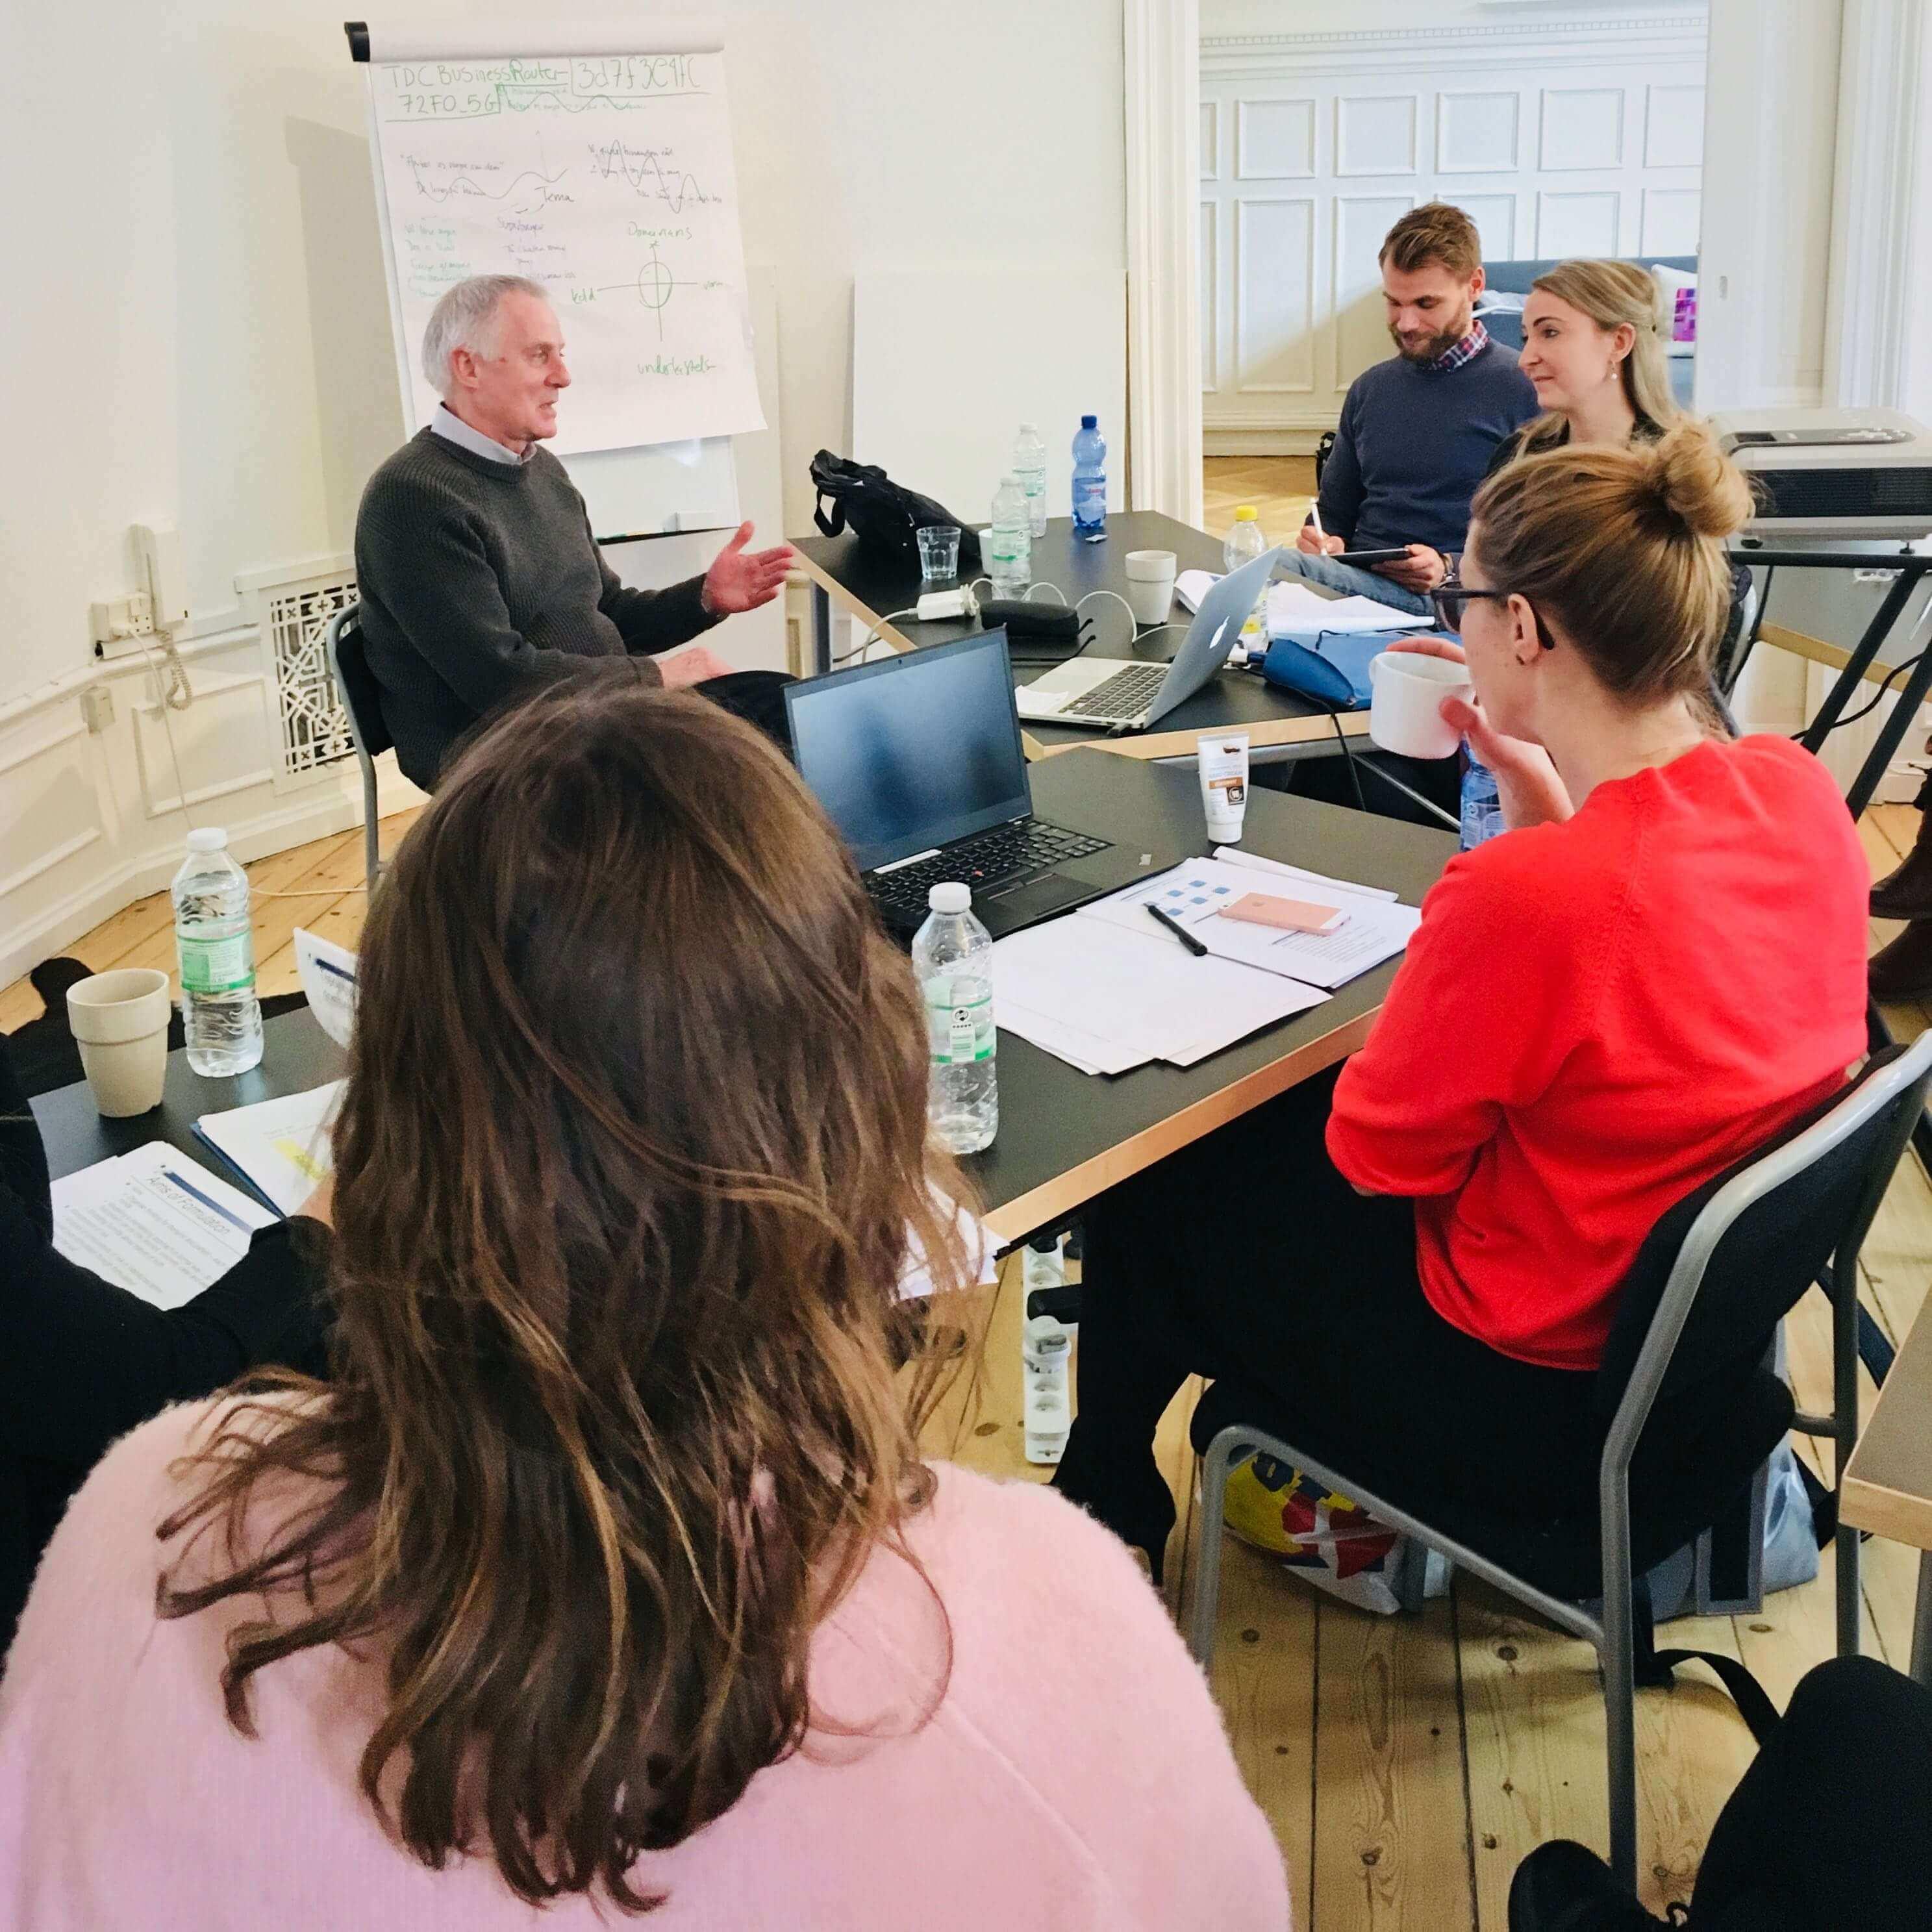 Anthony Bateman underviser i vores lokaler på Vesterbrogade i København, marts 2018